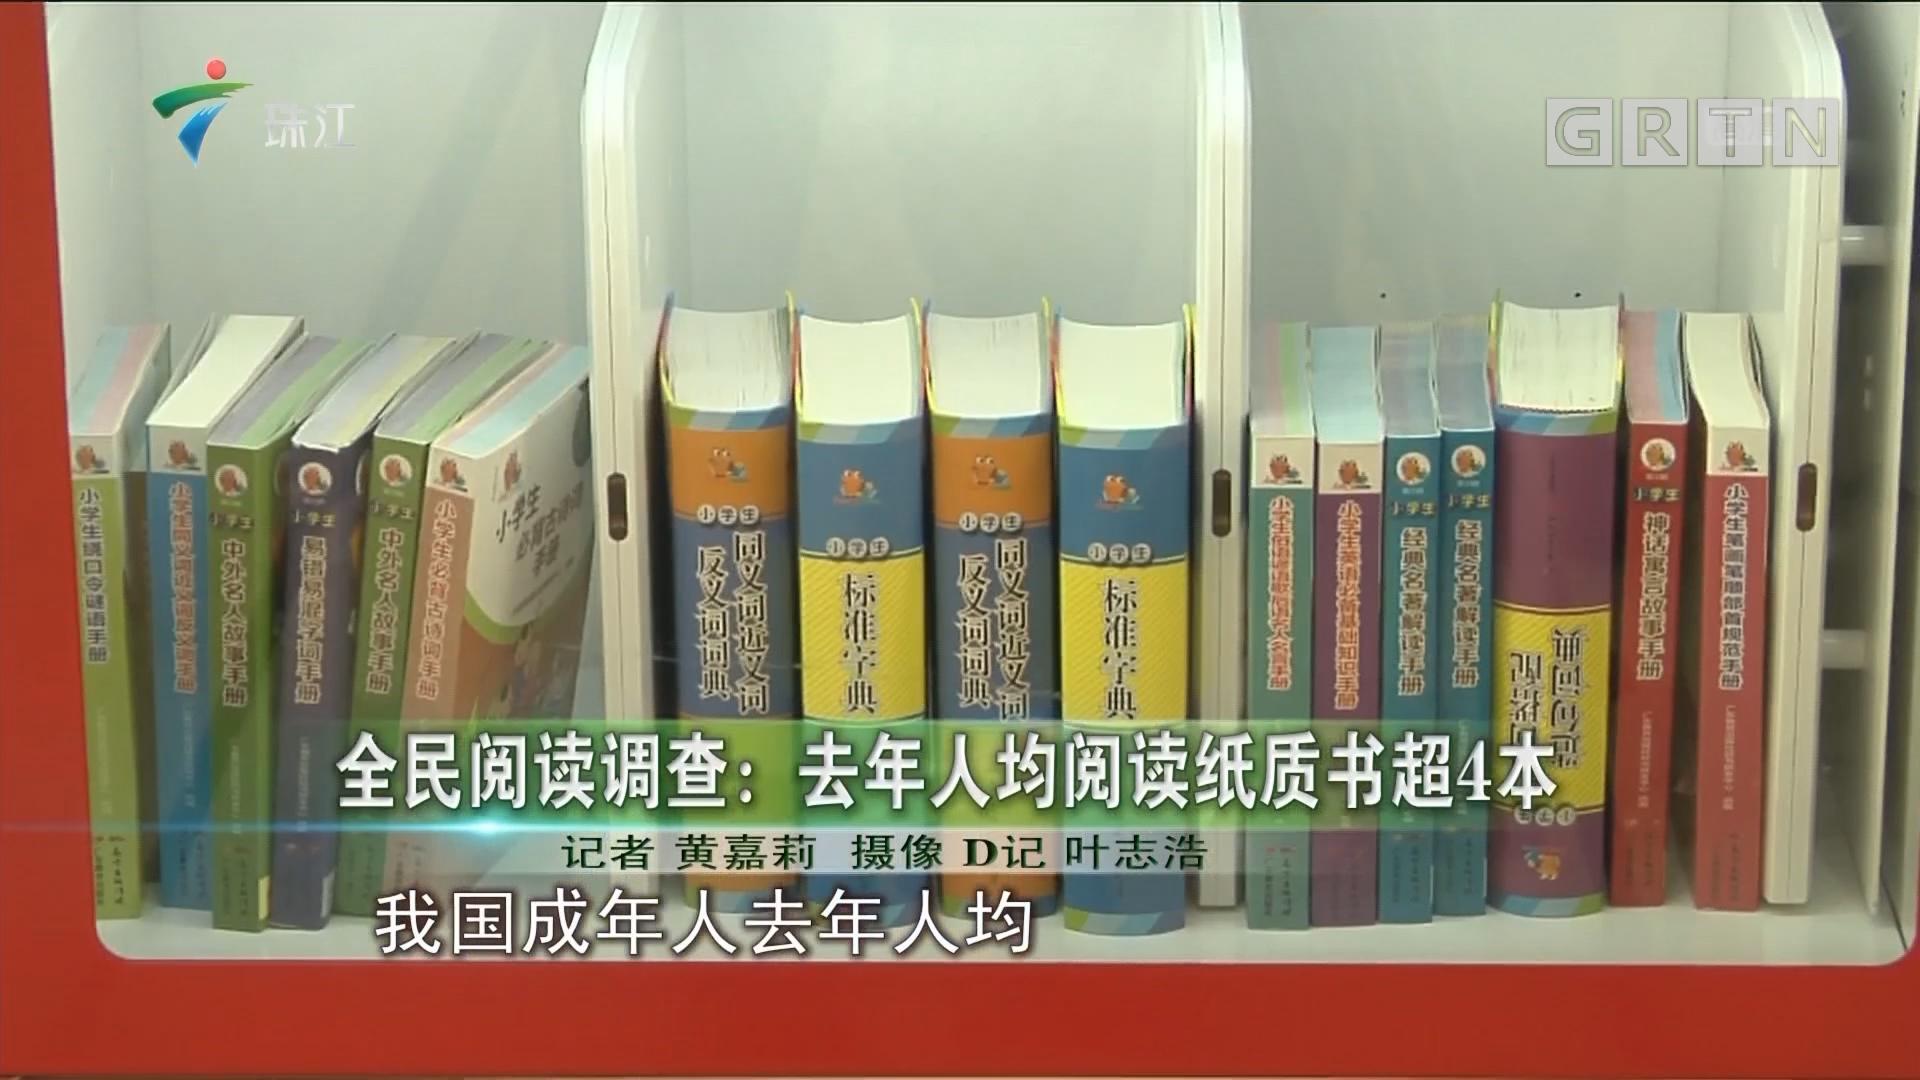 全民阅读调查:去年人均阅读纸质书超4本